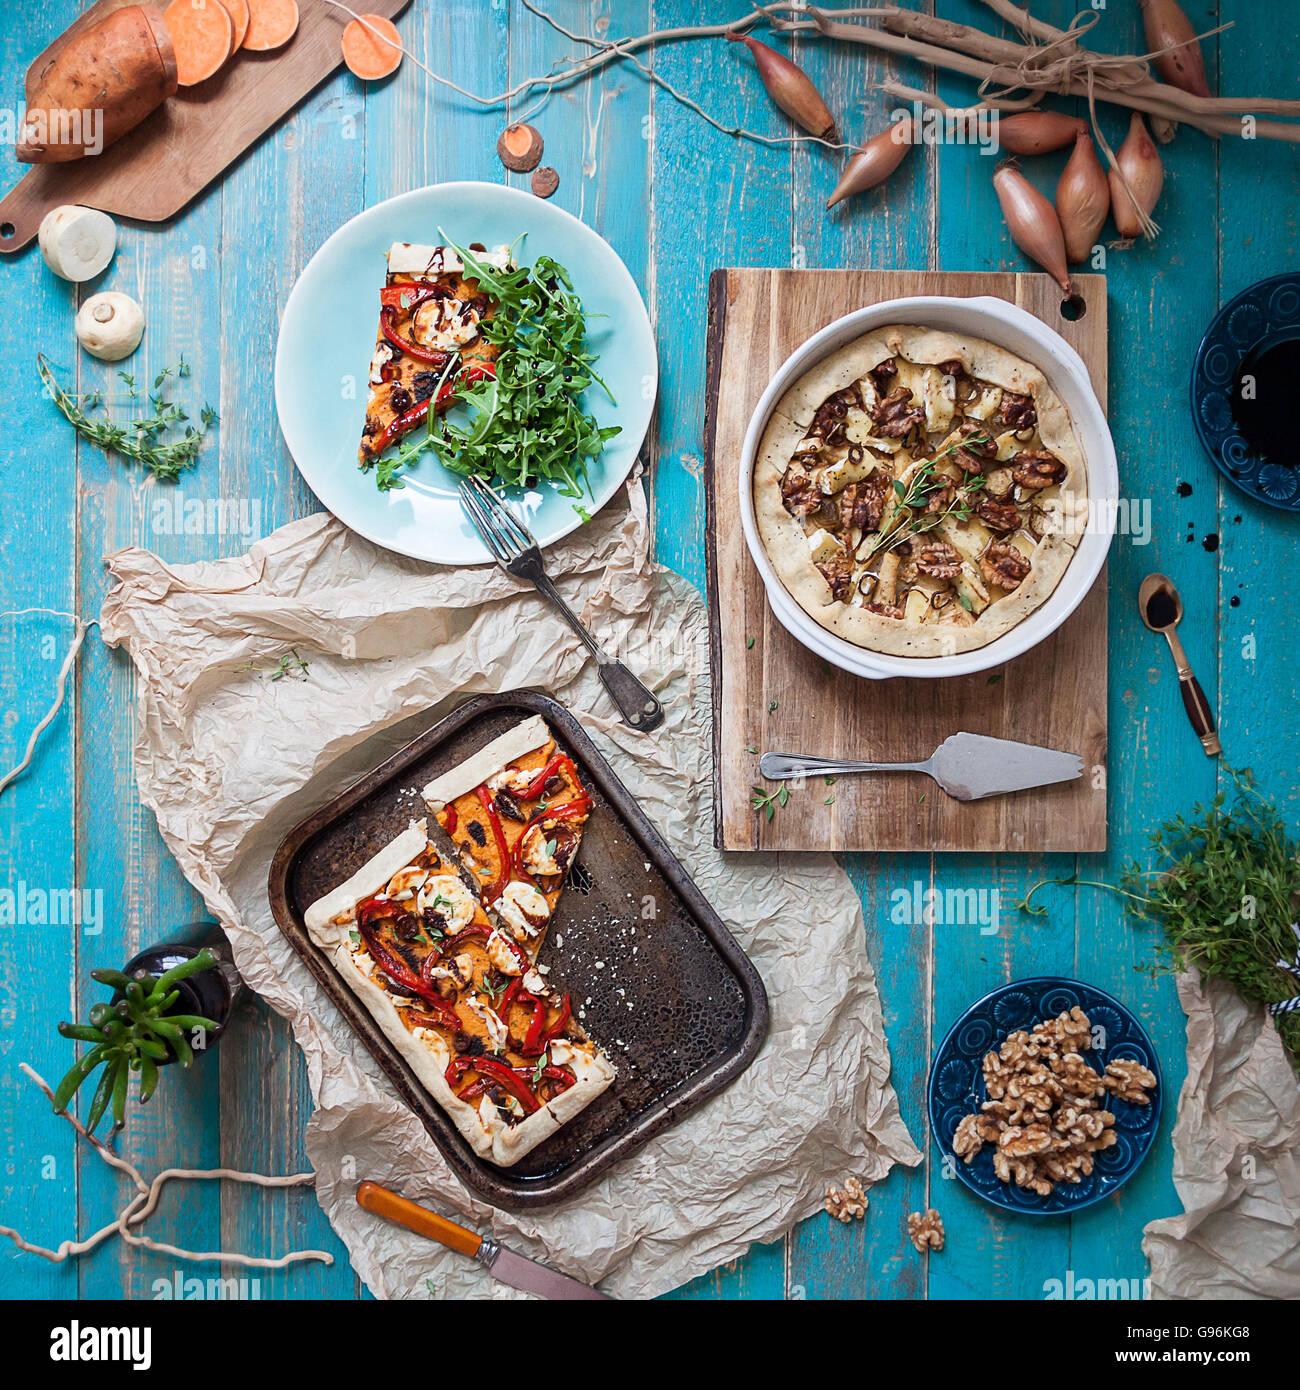 Vista de tabla flotante superior de sabrosas tartas vegetarianas y varios ingredientes Imagen De Stock